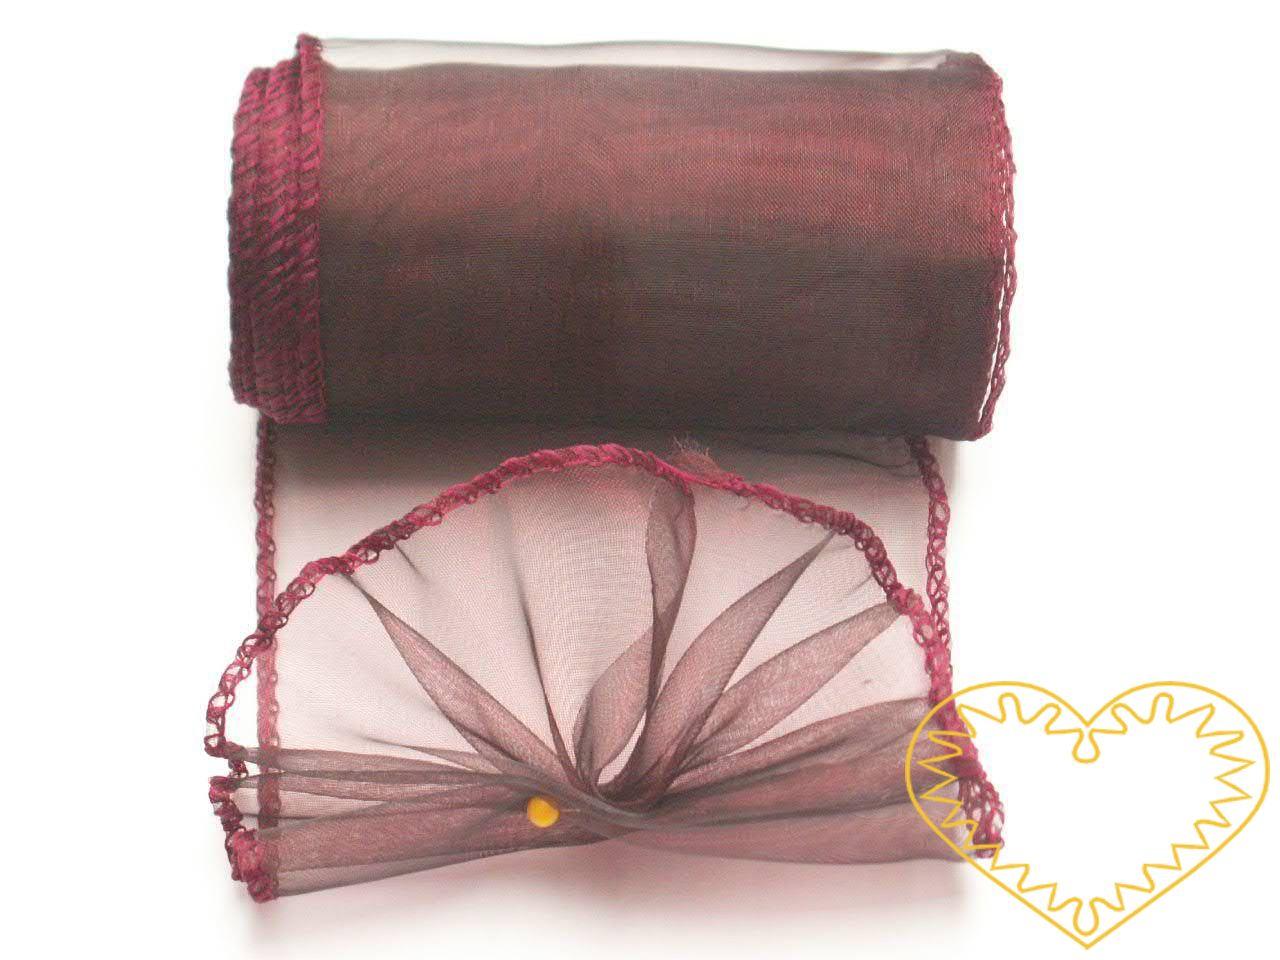 Bordó organza šíře 10 cm a délky 9,14 m, z obou stran obroubená. Vhodná k dekorování, šití, aranžování, pro výzdobu slavnostní tabule, balení dárků, výrobu ozdob apod.